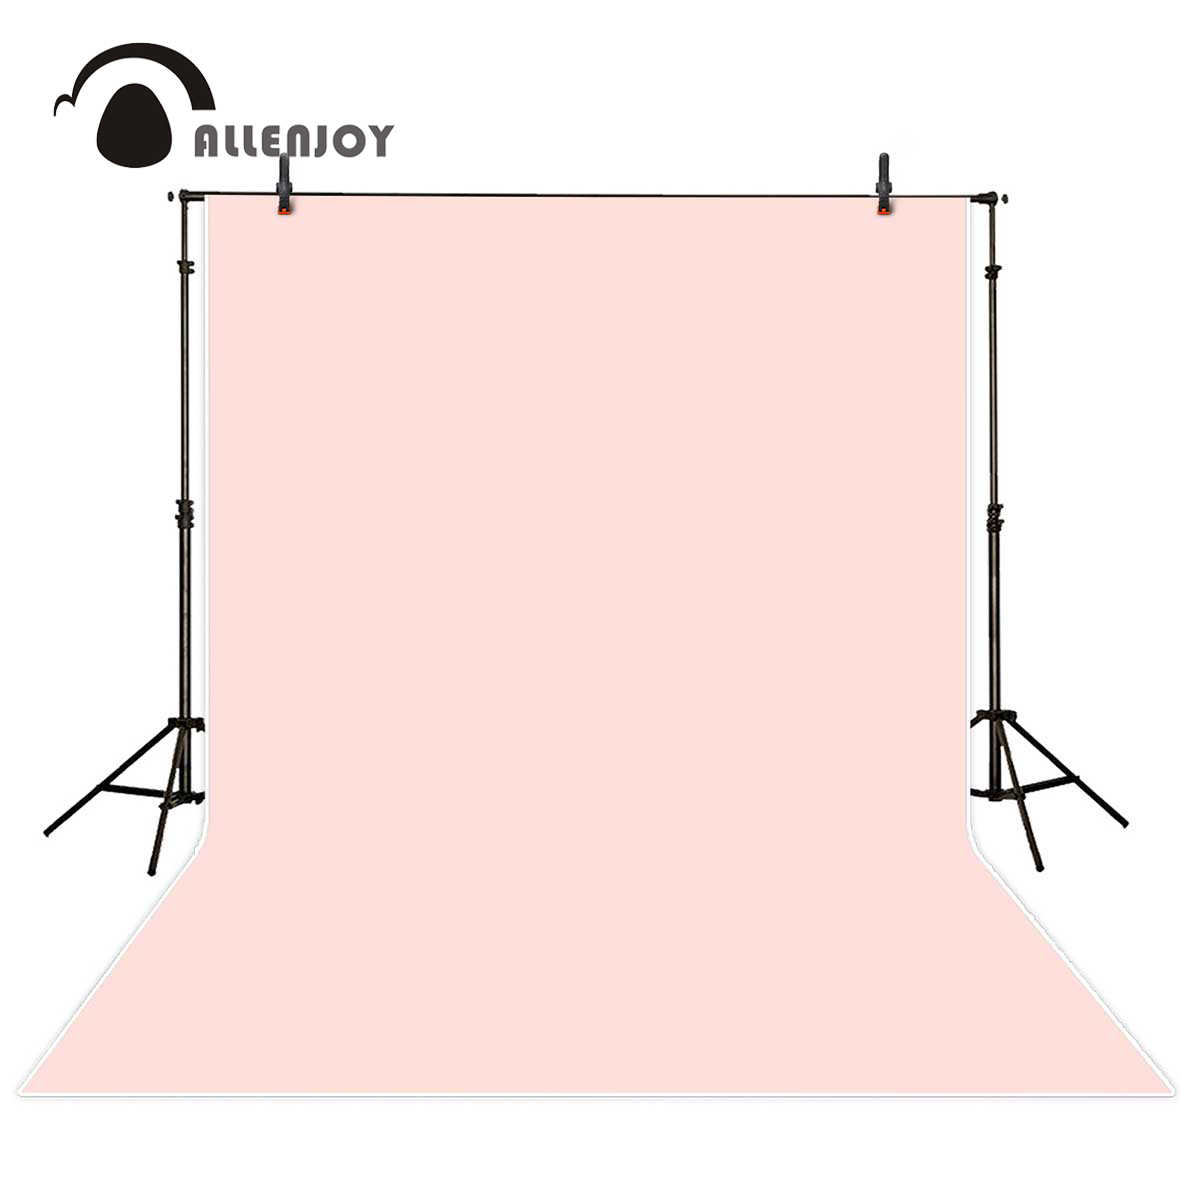 Allenjoy sfondo per la fotografia Solido di Colore Rosa Pastello di Colore Puro sfondo ritratto photo studio photobooth photophone sfondo